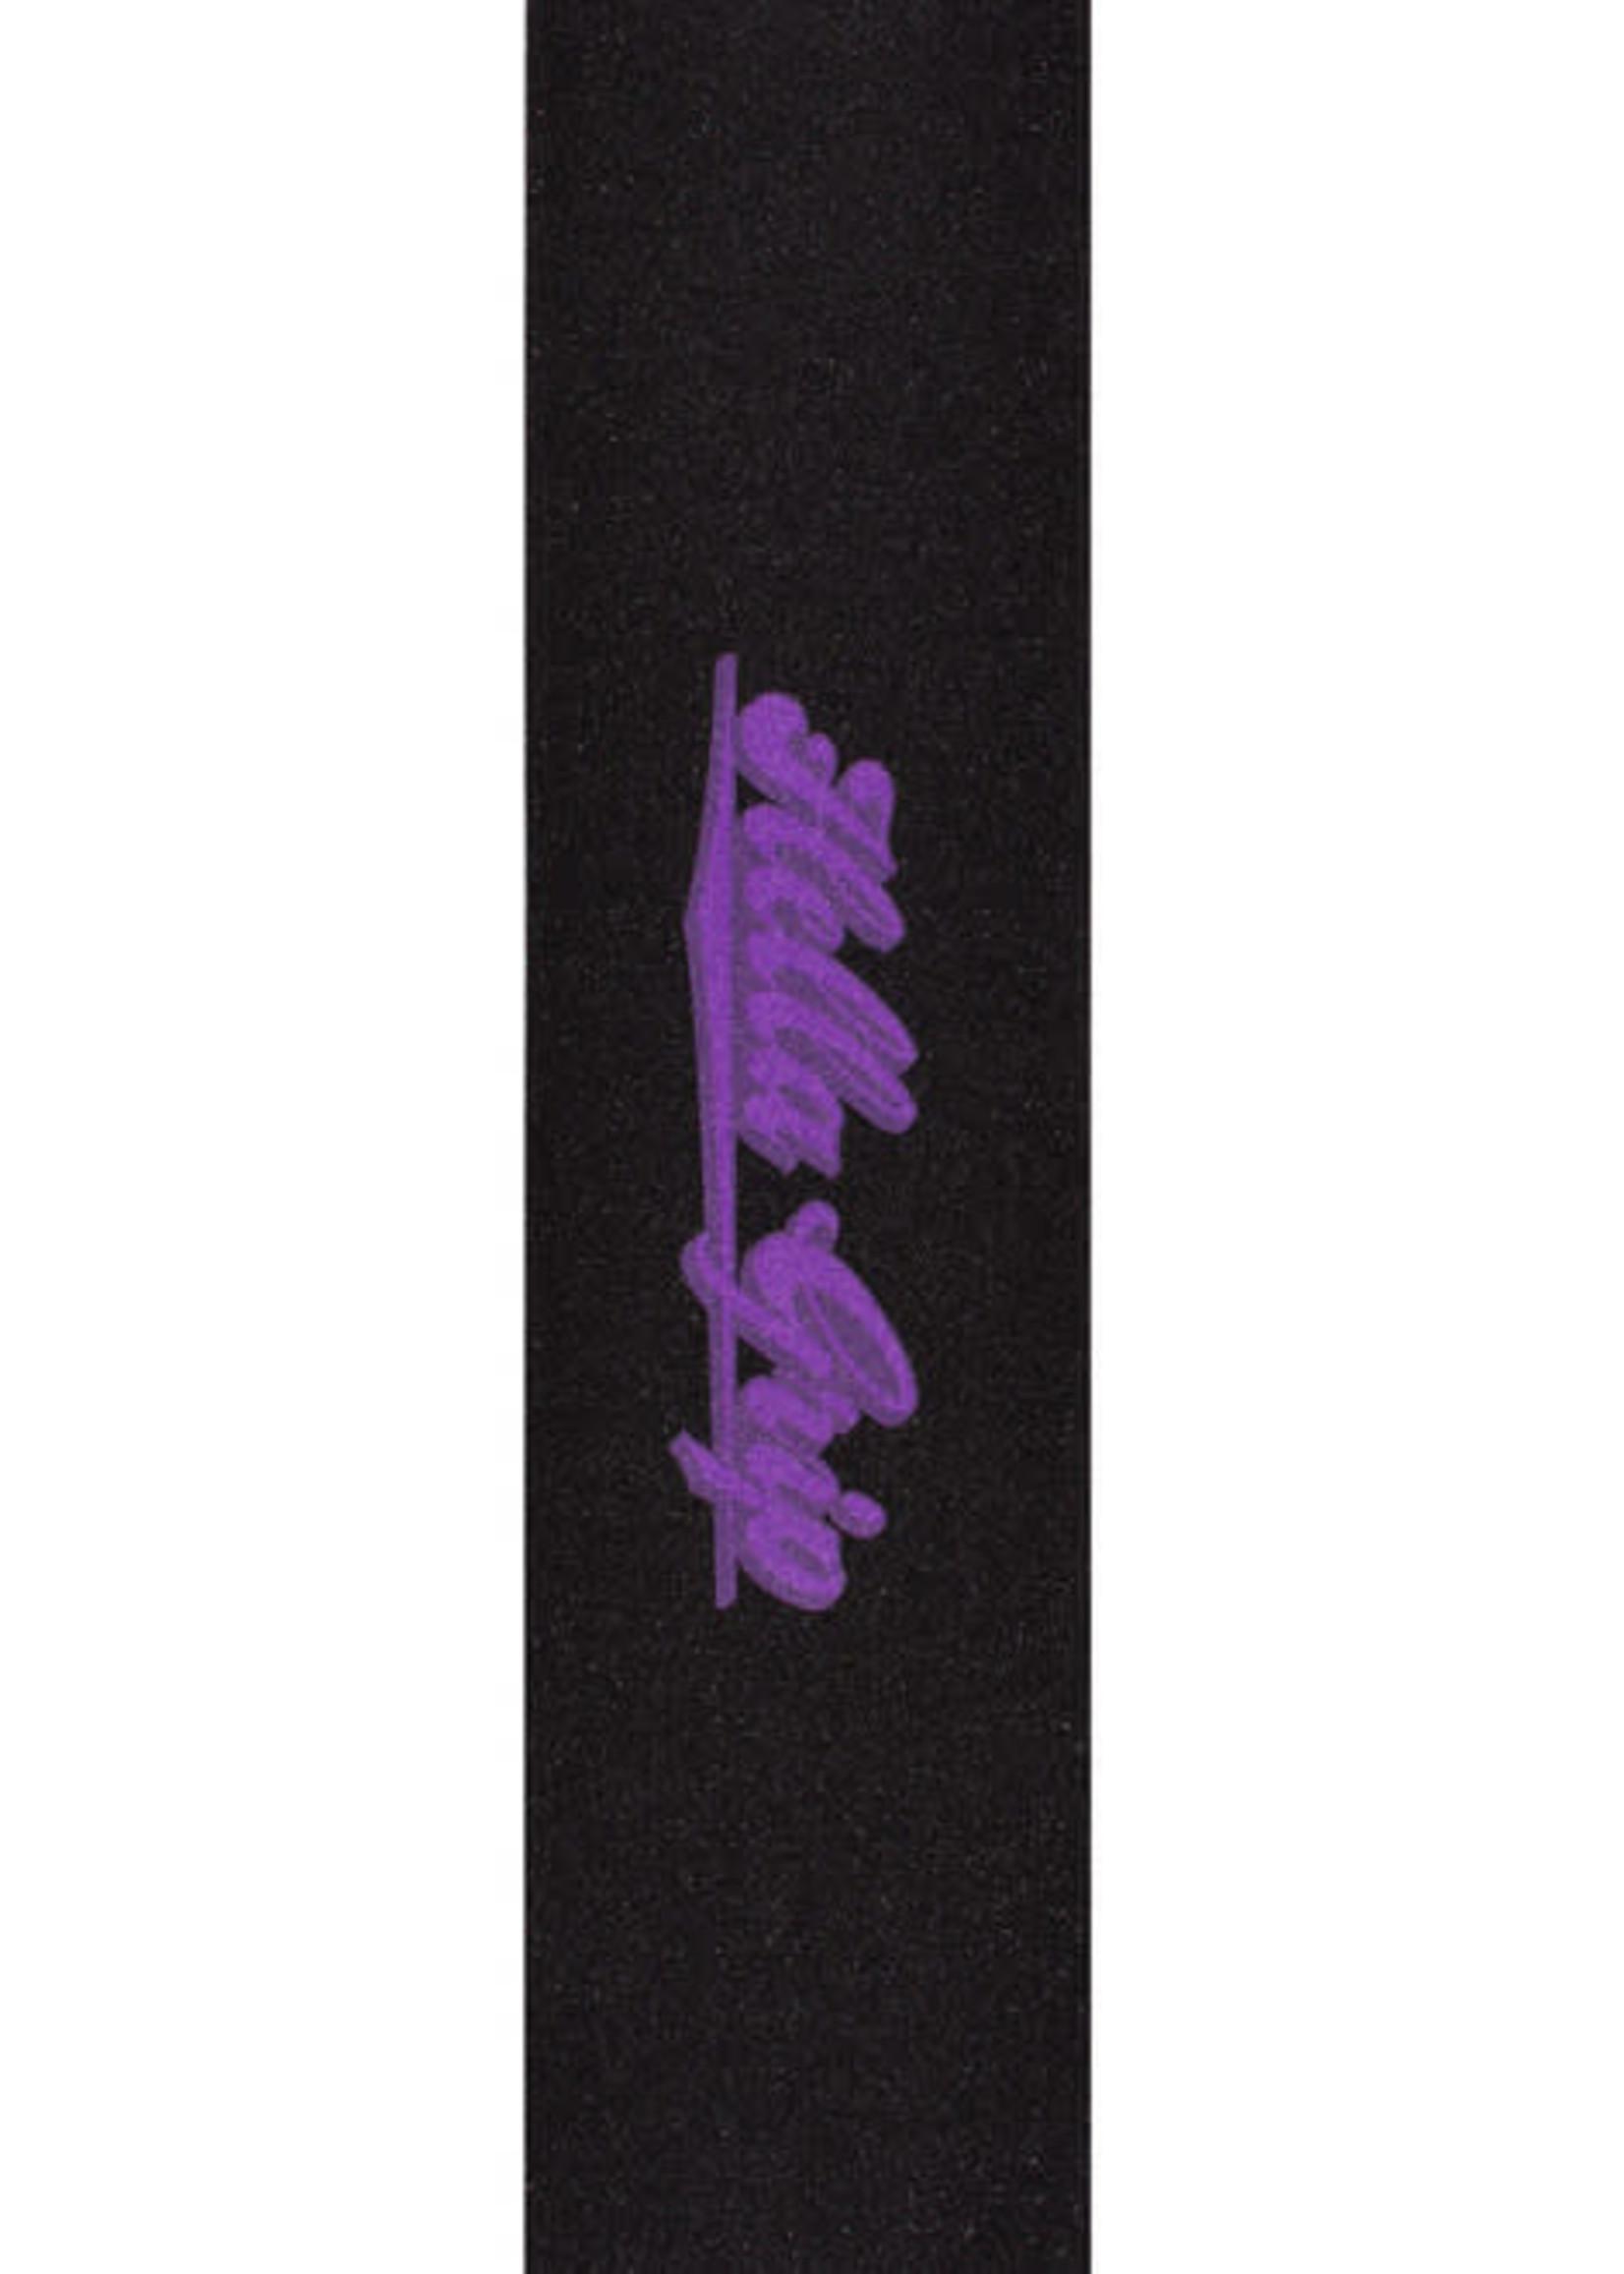 Hella Grip Hella Grip - Classic - 6x24